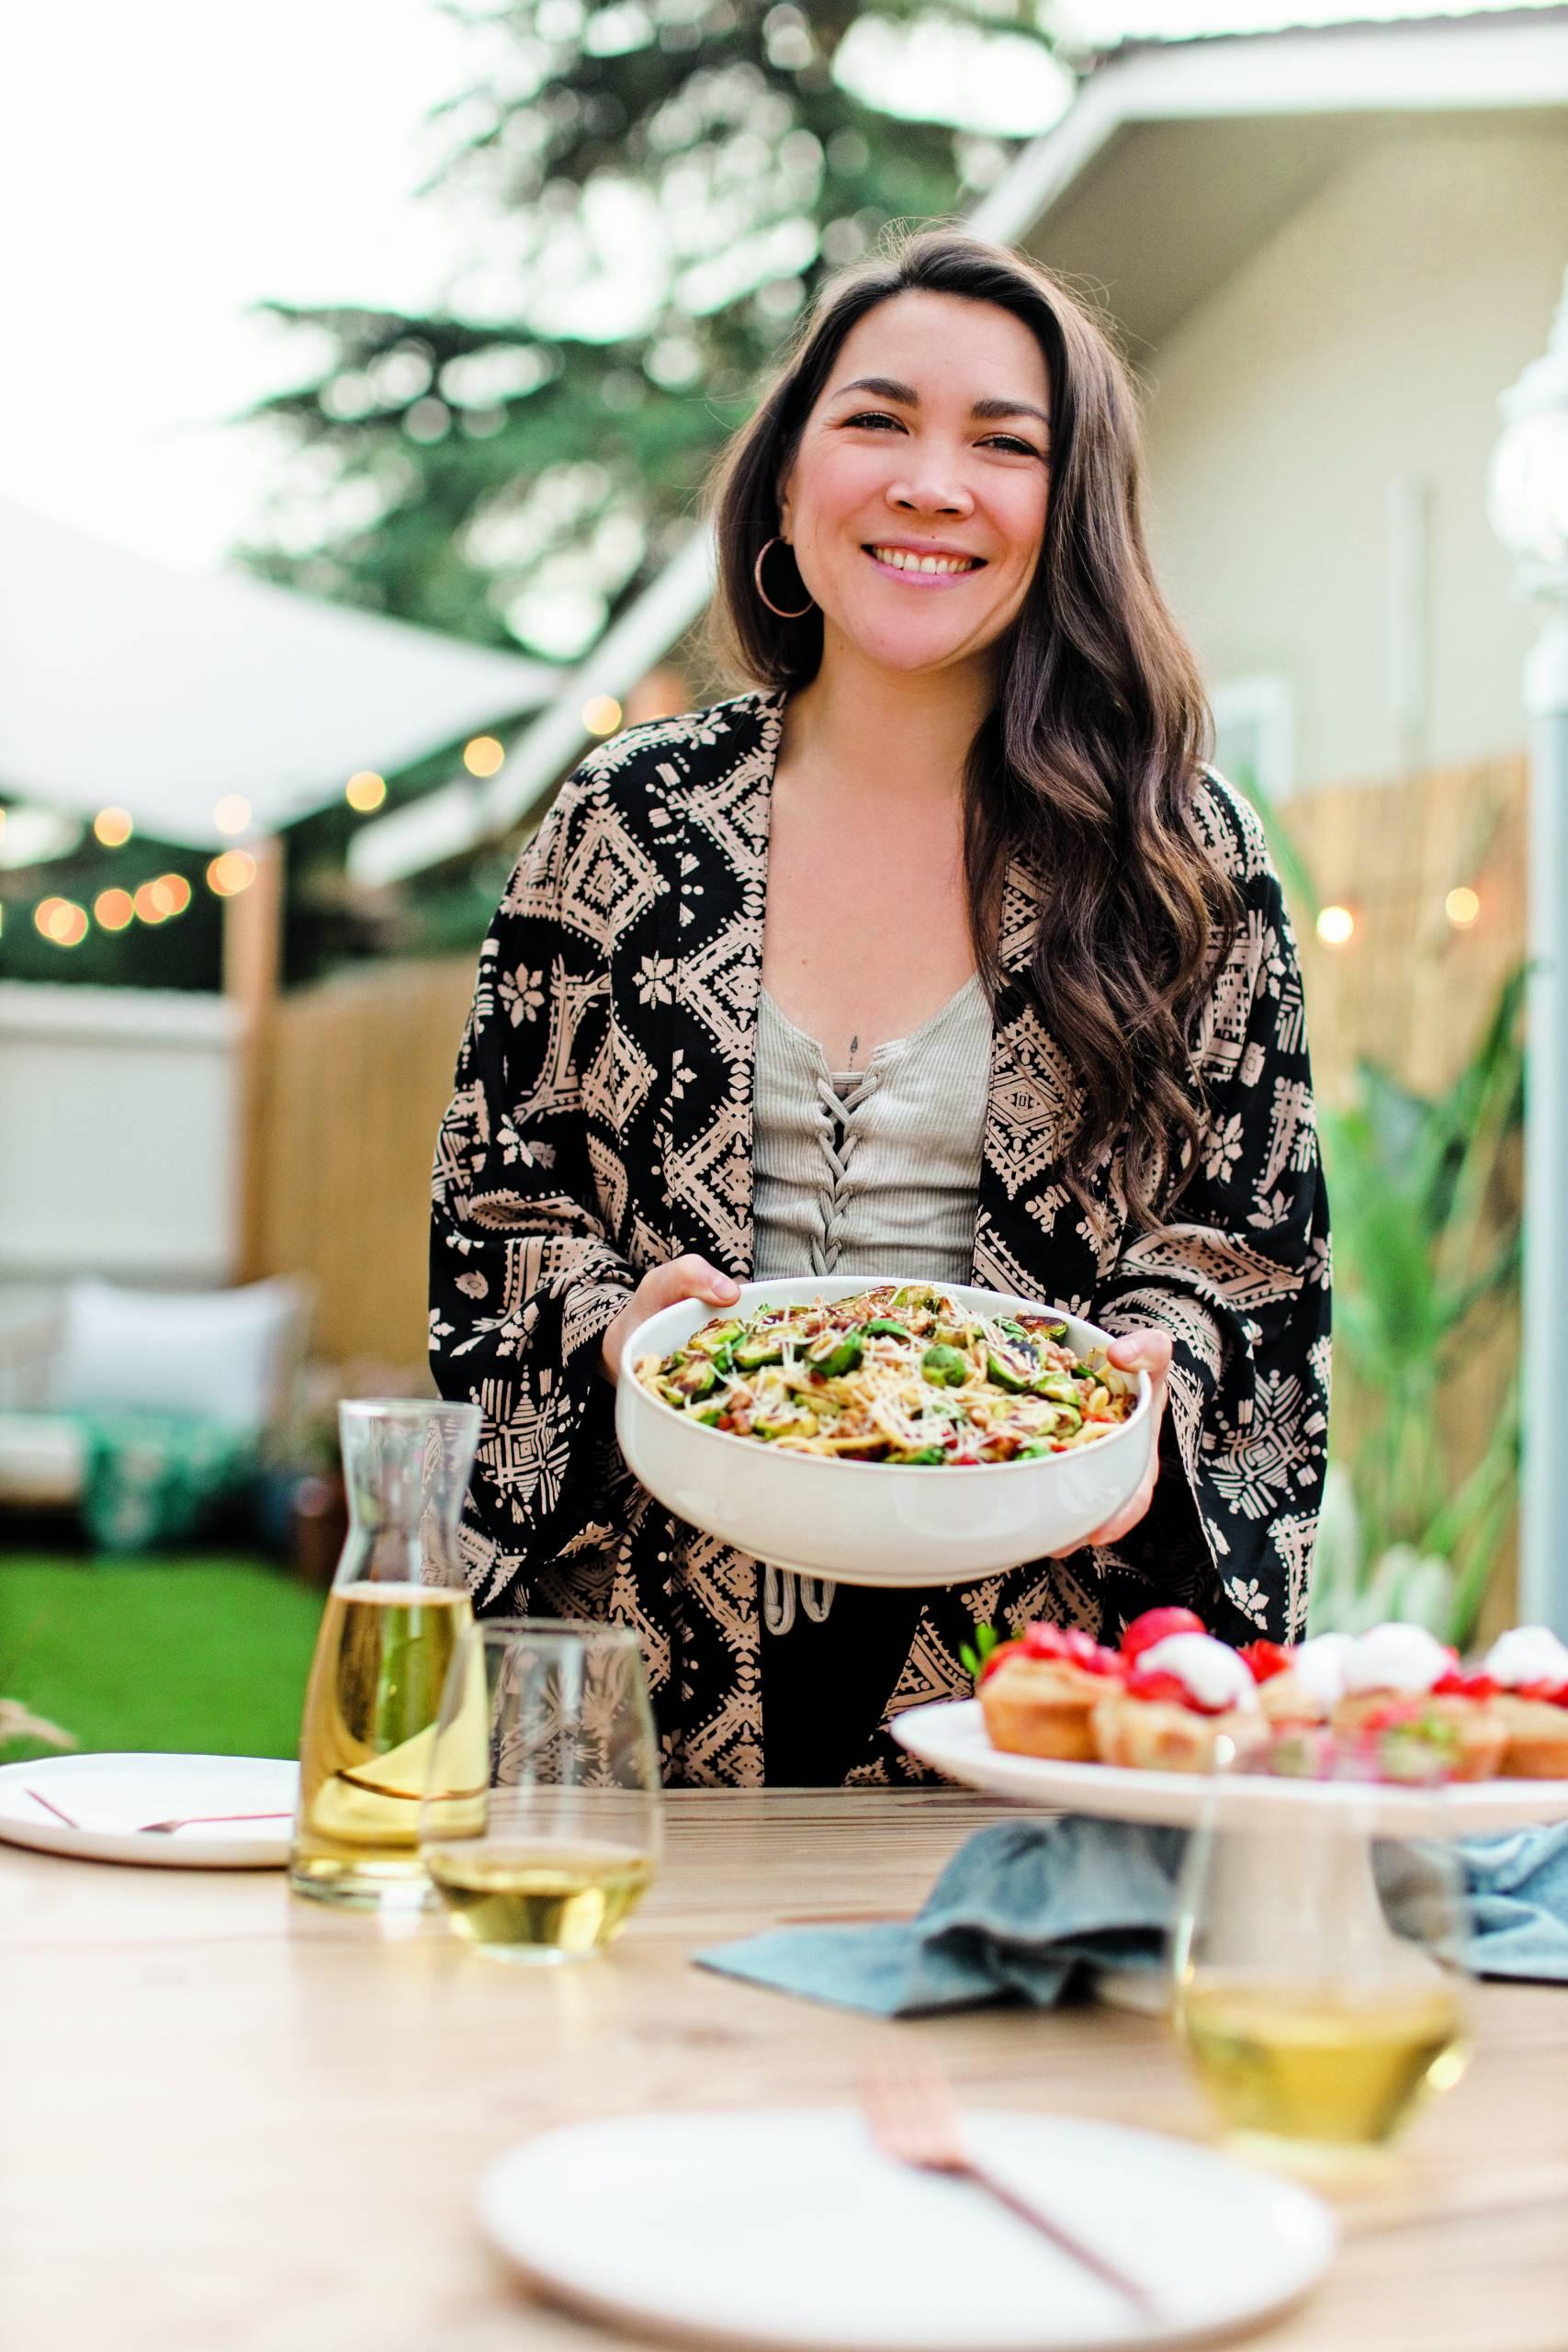 Talk Veganism And Eat Pasta With Lauren Toyota, Queen Of Hot For Food